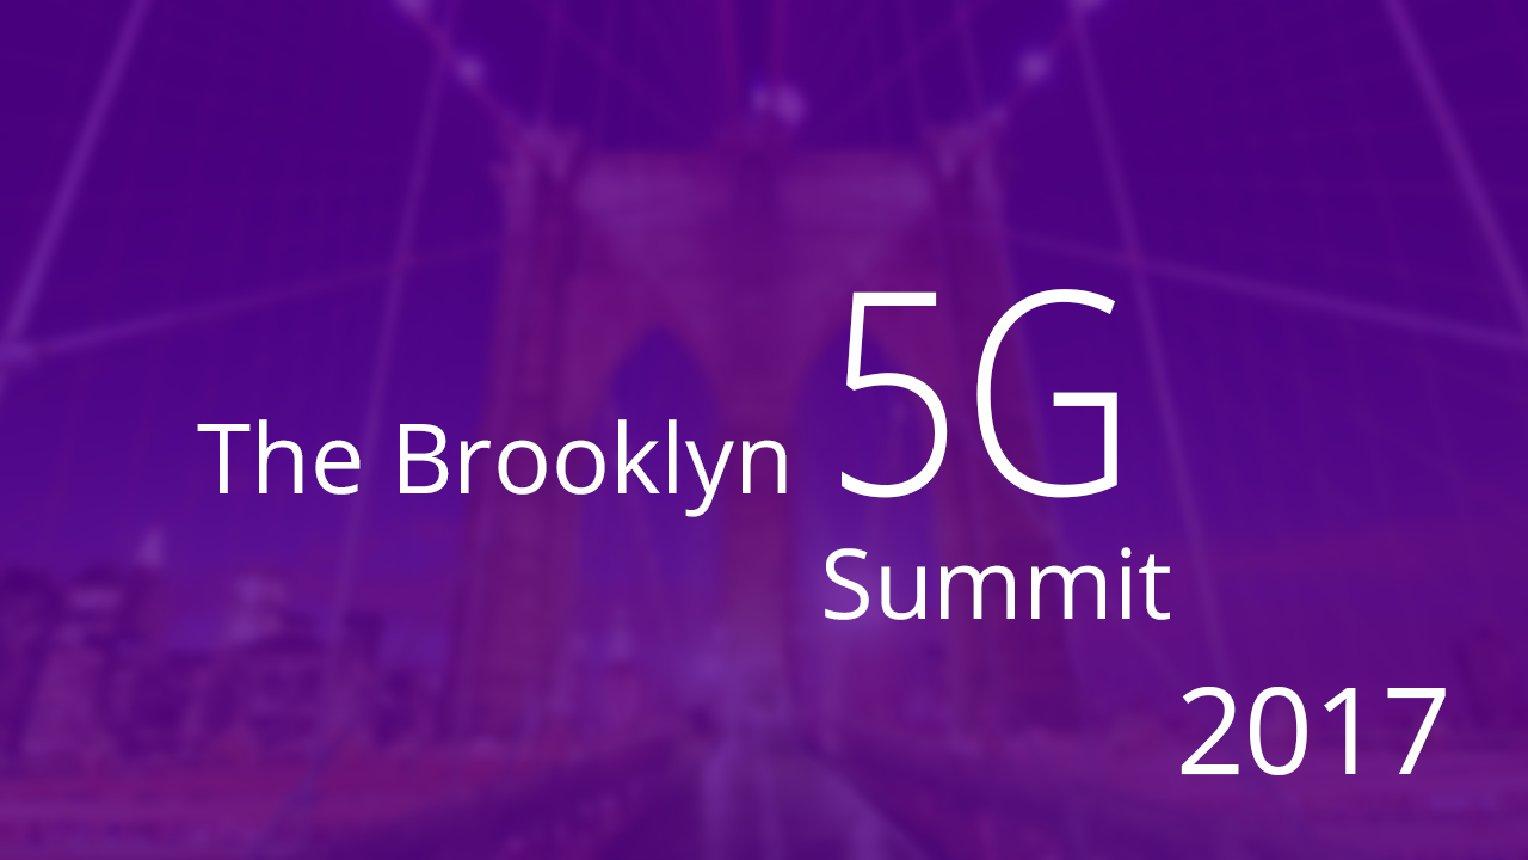 Brooklyn 5G Summit 2017 - Day 1 Full Stream